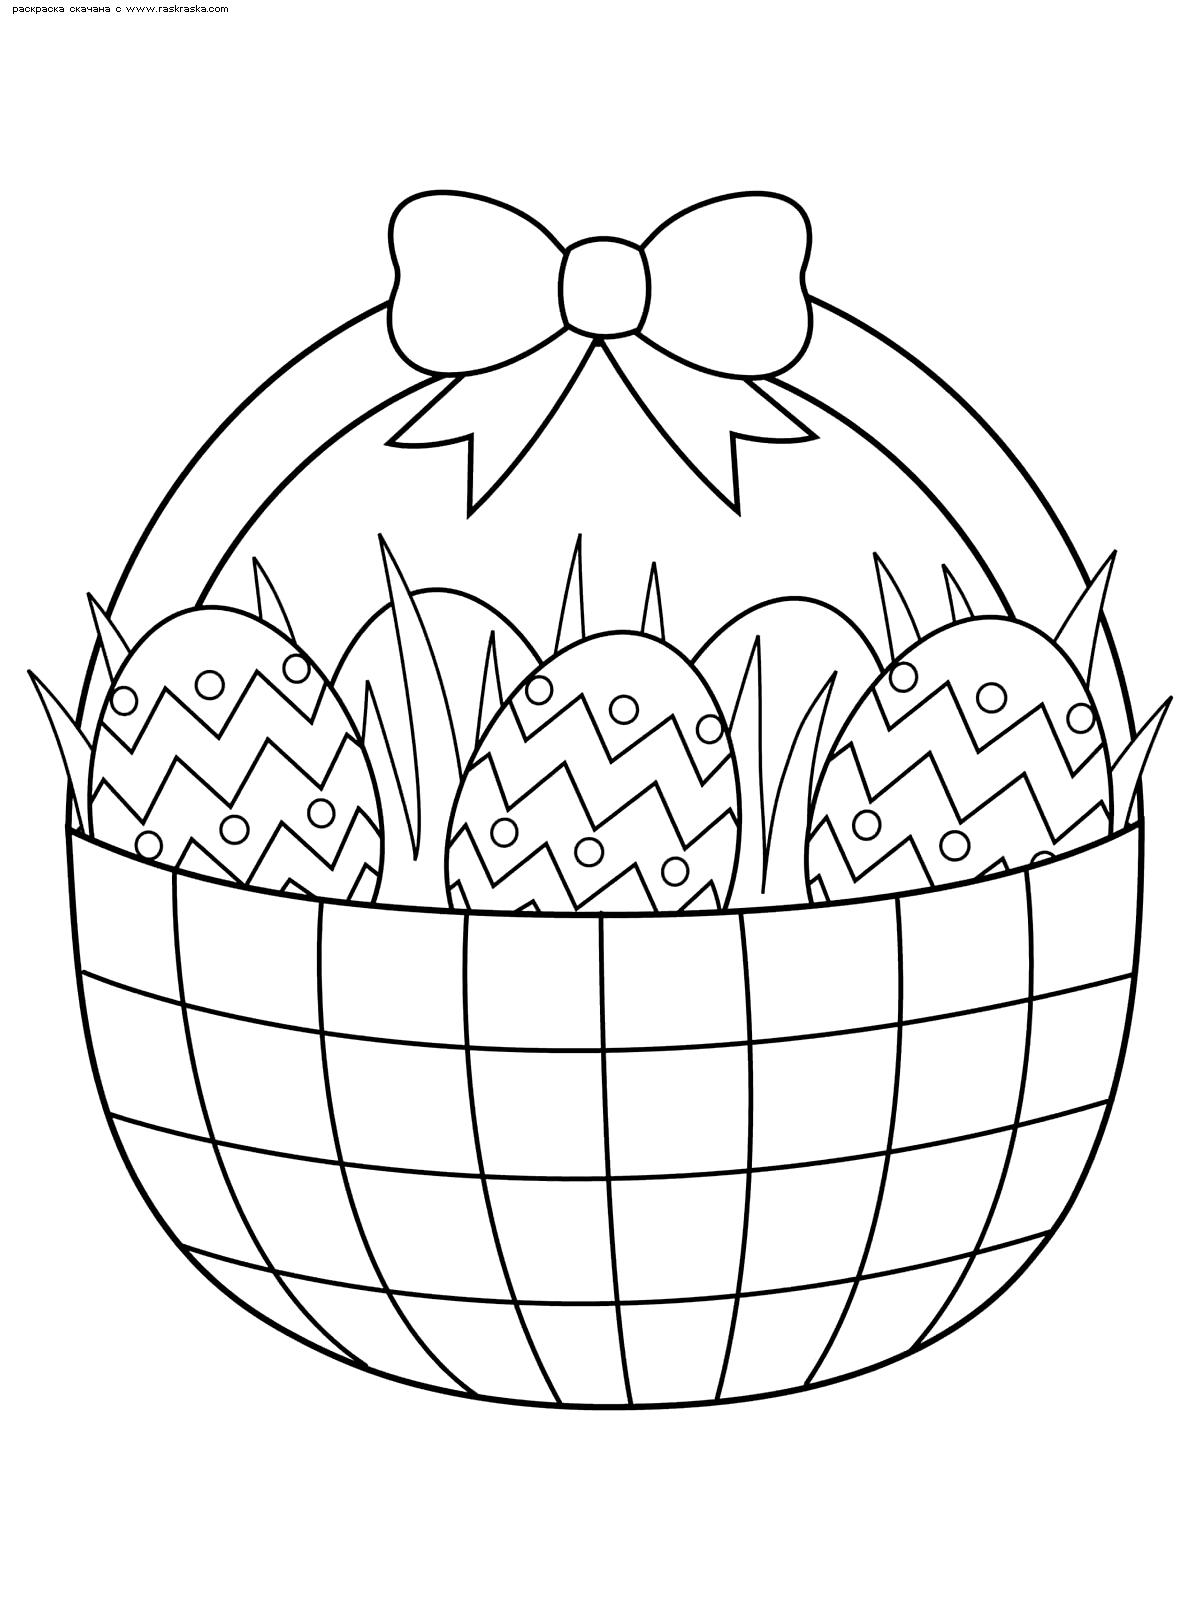 Раскраска Пасхальная корзинка. Раскраска пасха, яйца